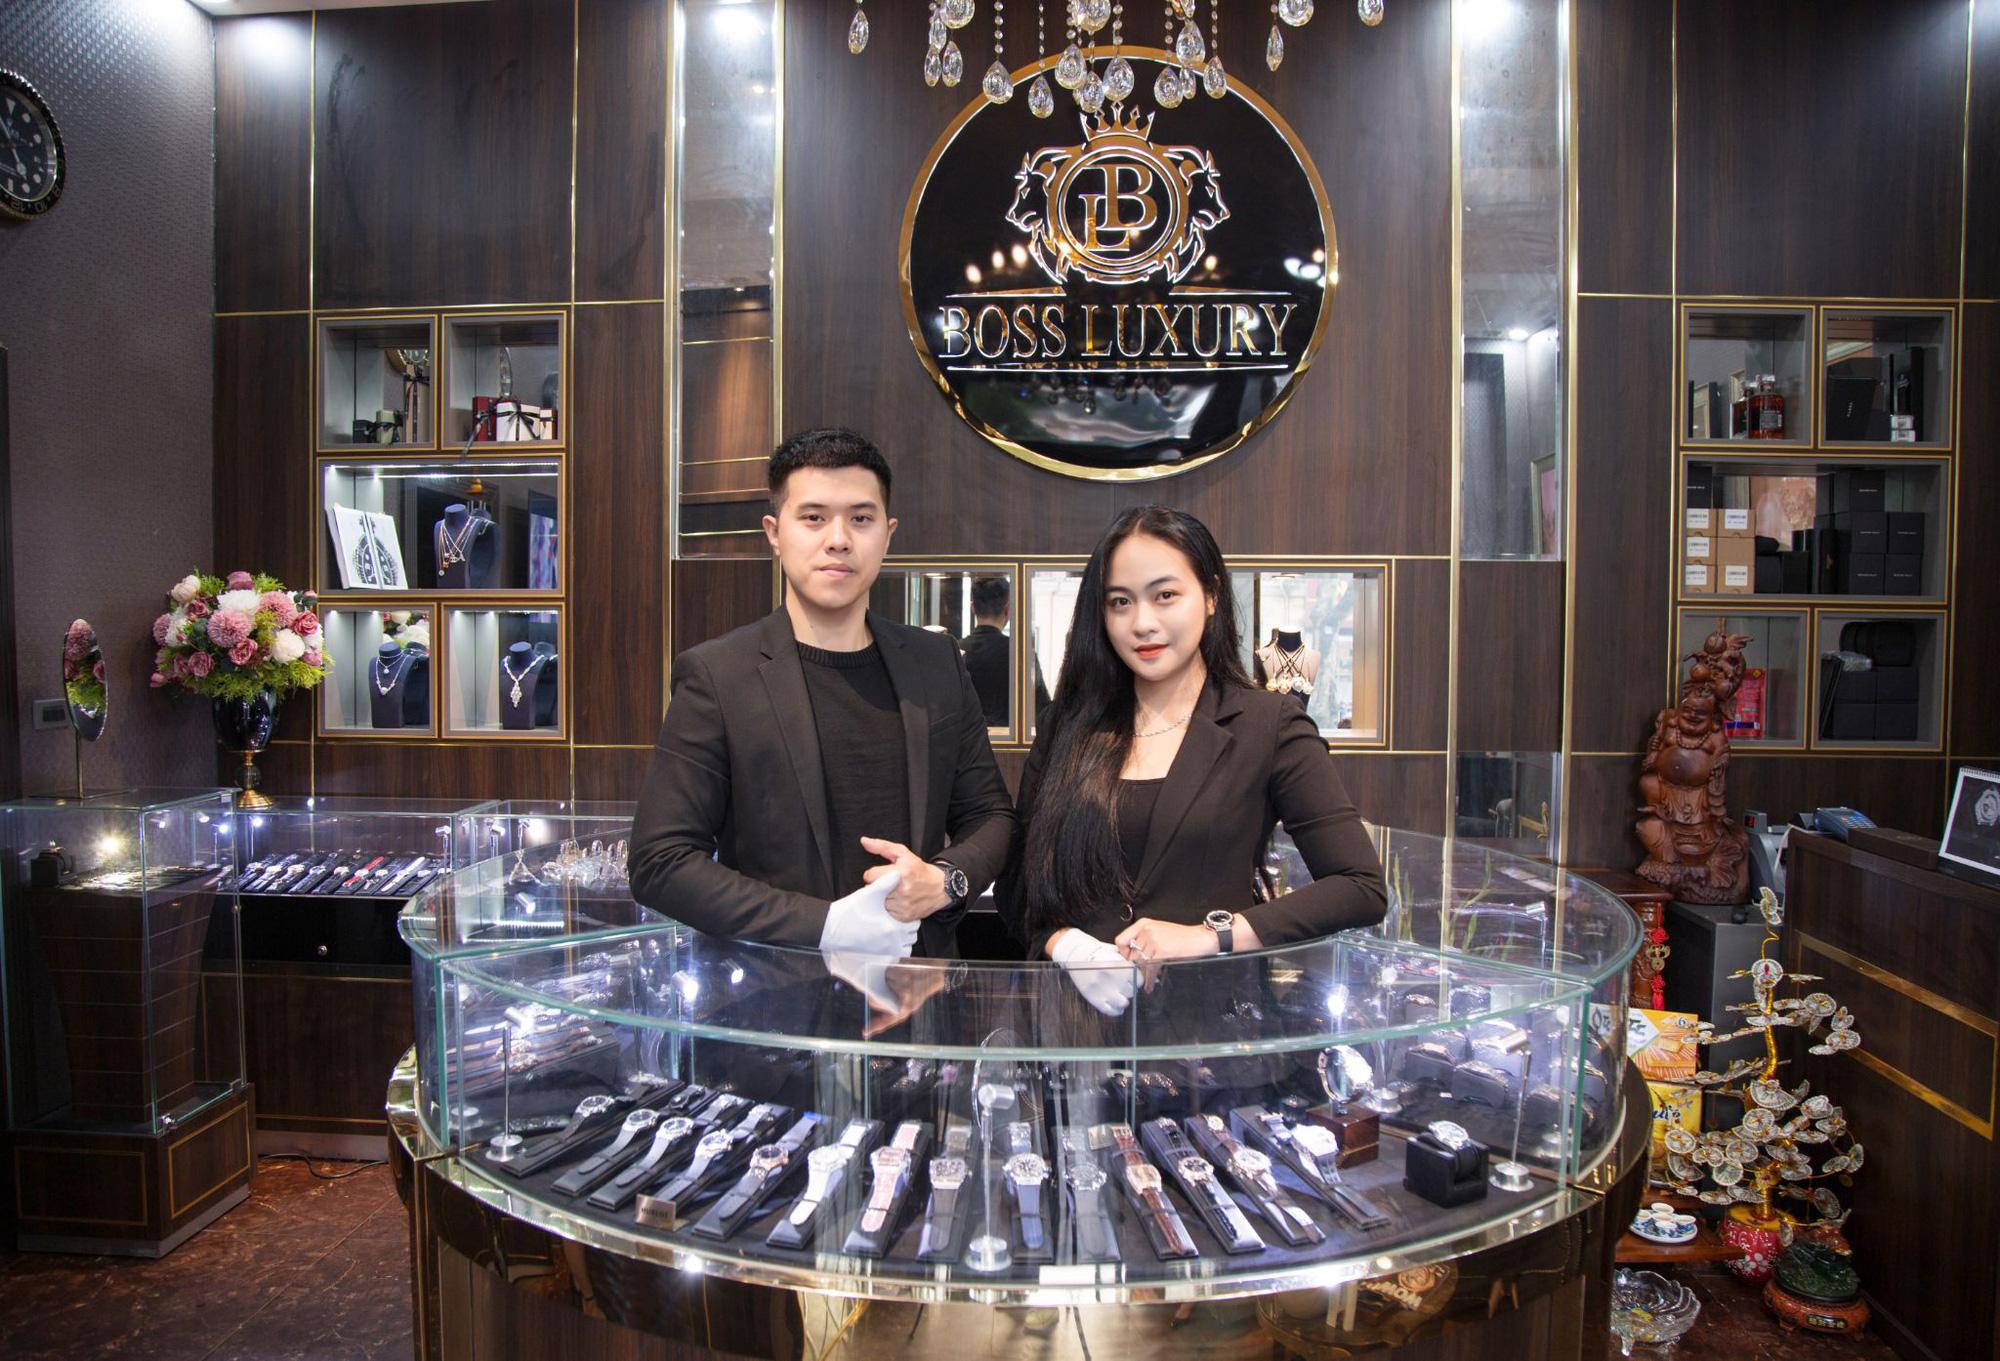 Đồng hồ Richard Mille và những dấu ấn khó quên tại Boss Luxury trong 4 tháng đầu năm 2021 - Ảnh 6.